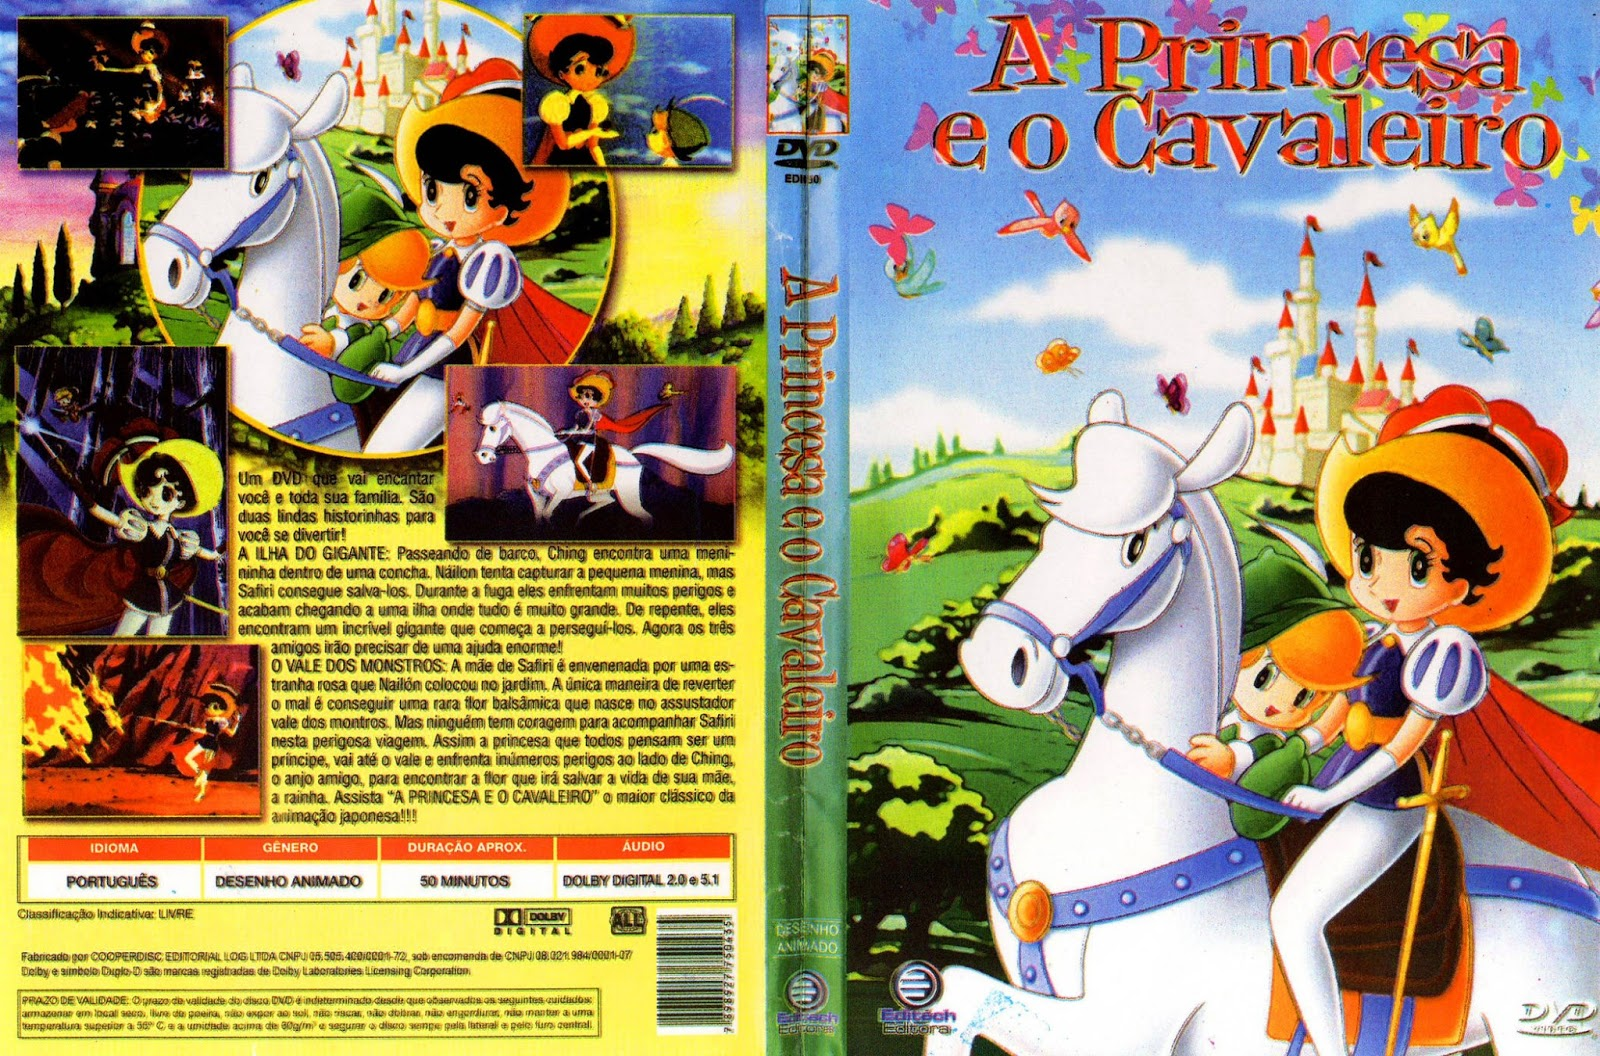 a princesa eo cavaleiro